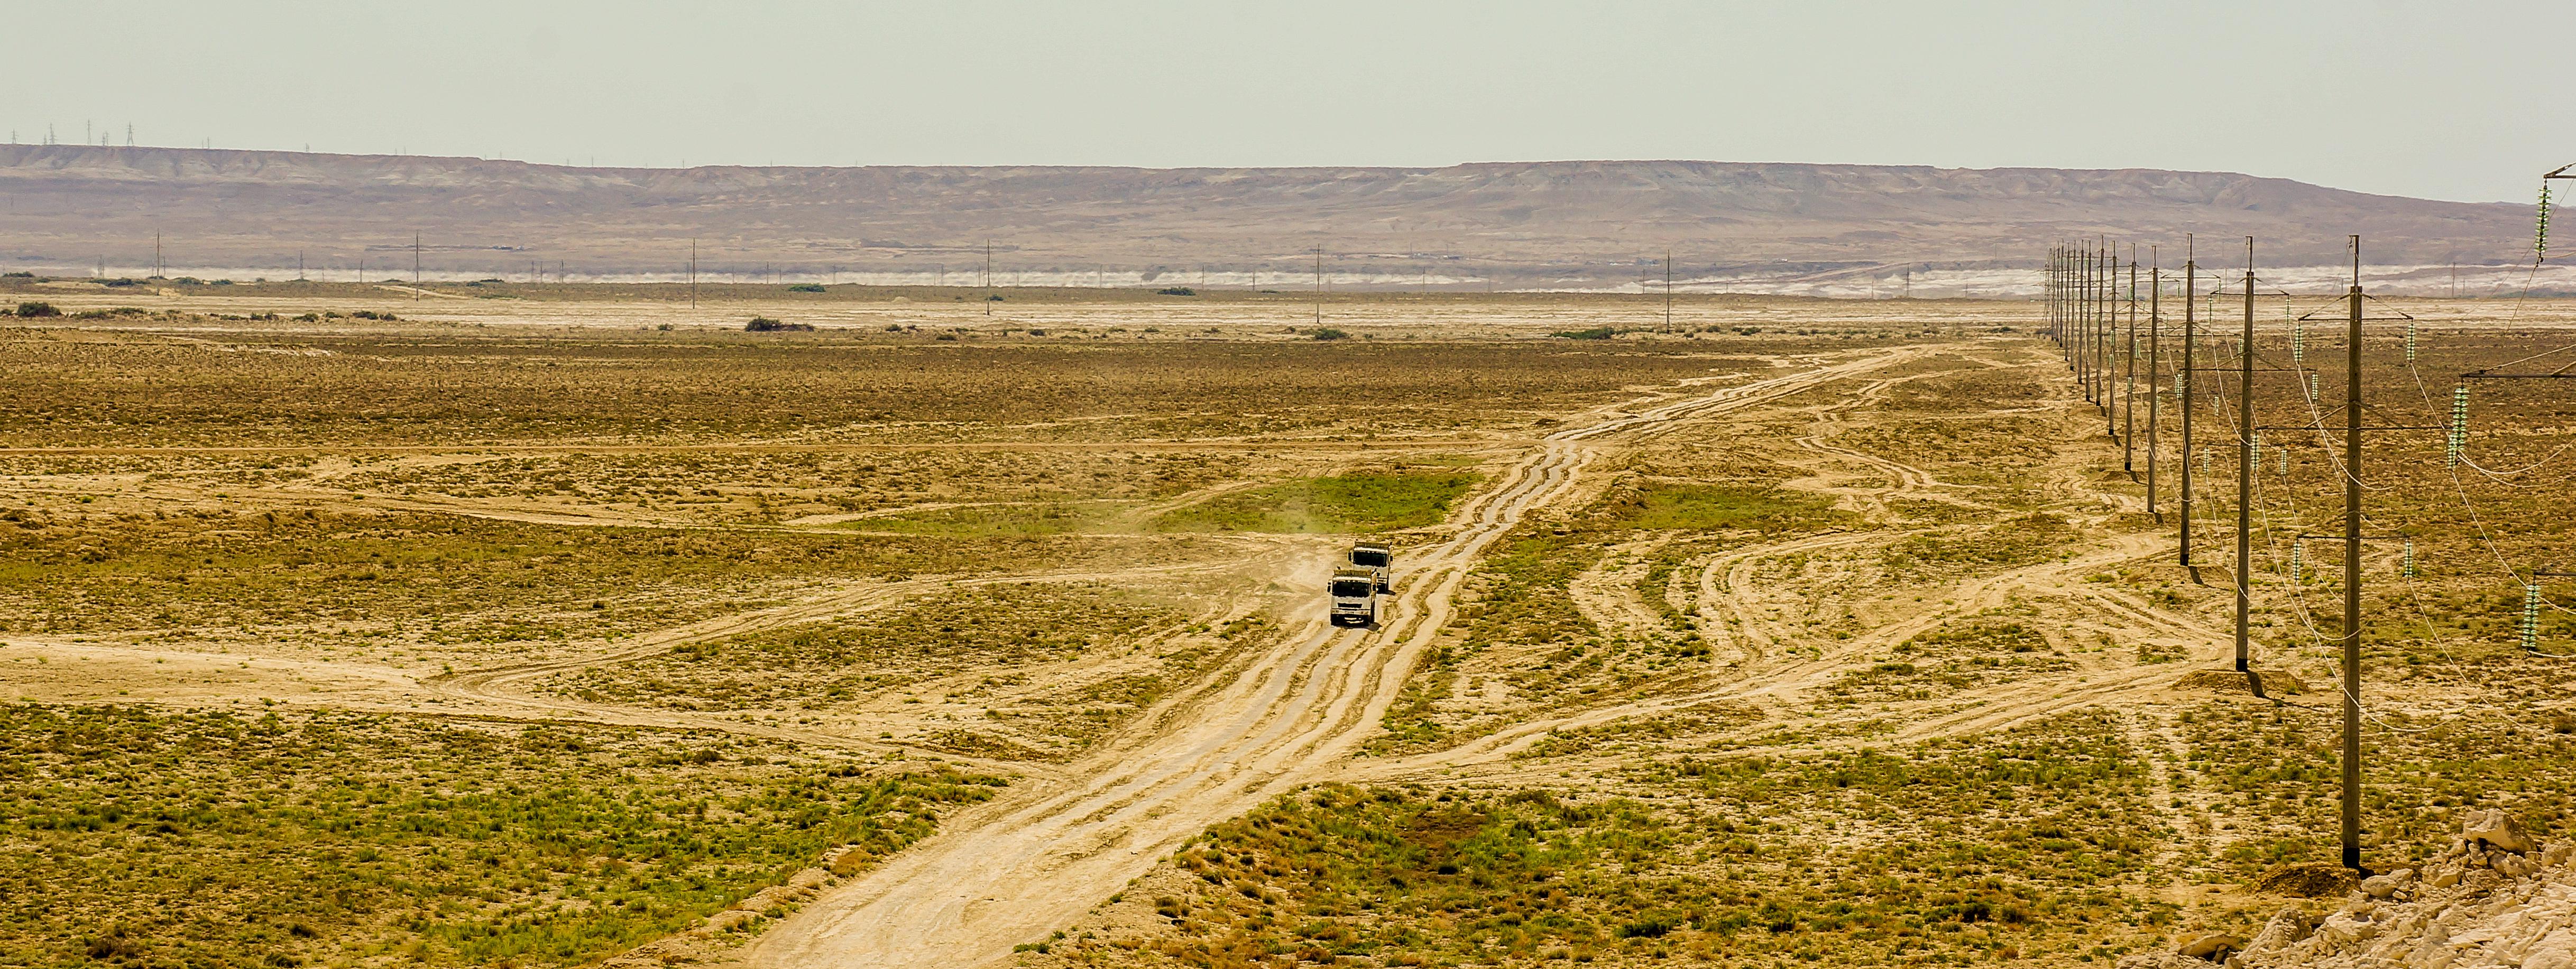 kazachstan-ciezarowki-droga-przez-step